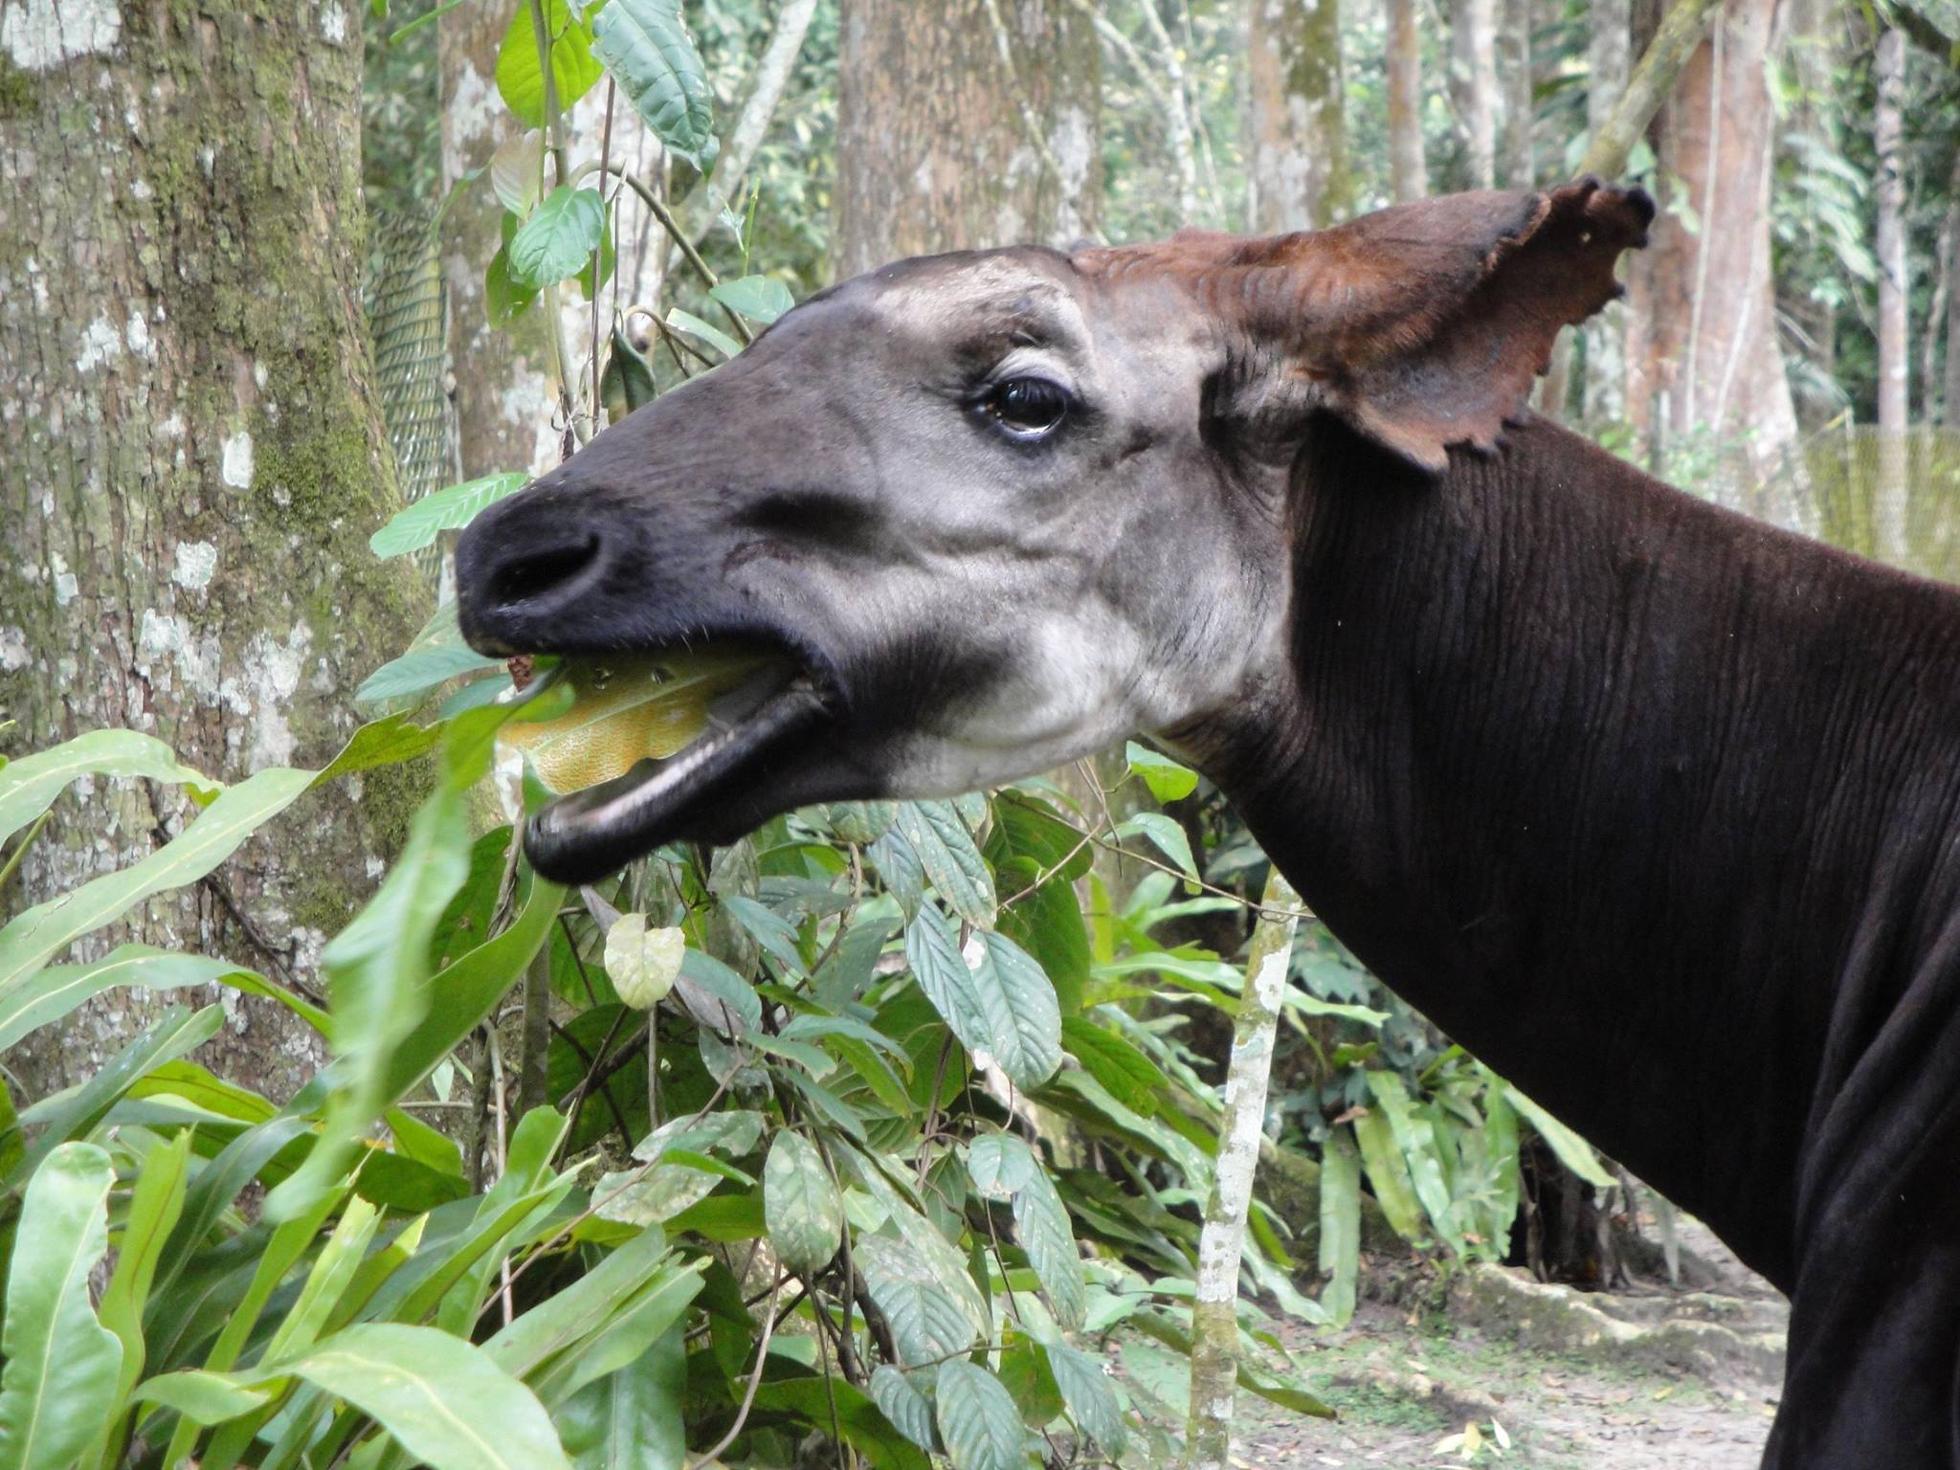 Okapi eating leaves in rainforest of DR Congo